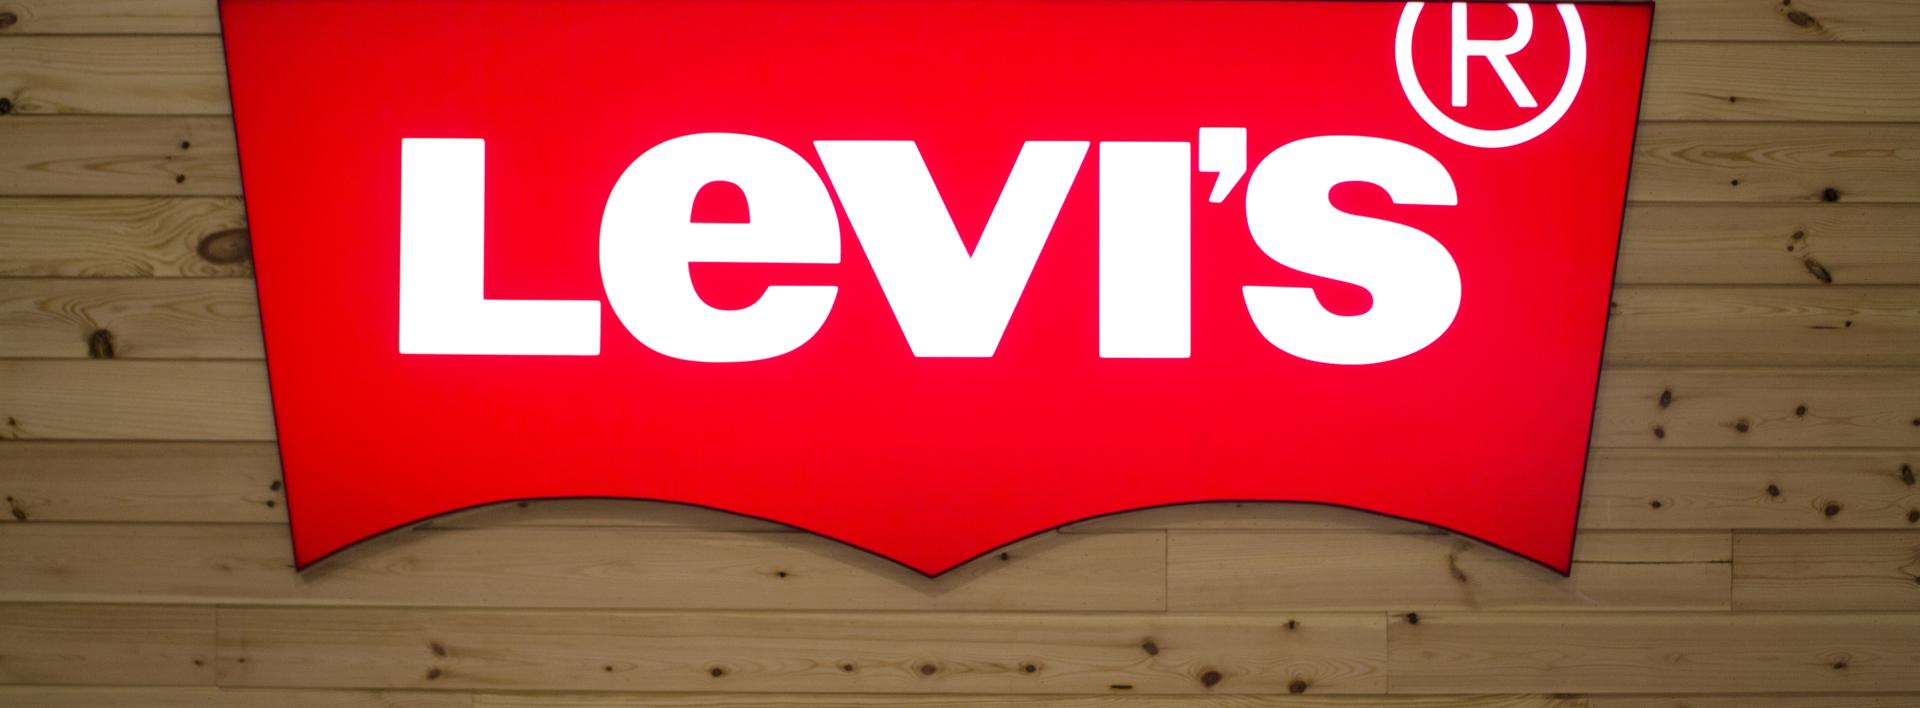 牛仔布也可以高科技!看 Levi's 如何與 Google 聯手,打造可以接電話、看時間的「智慧夾克」!